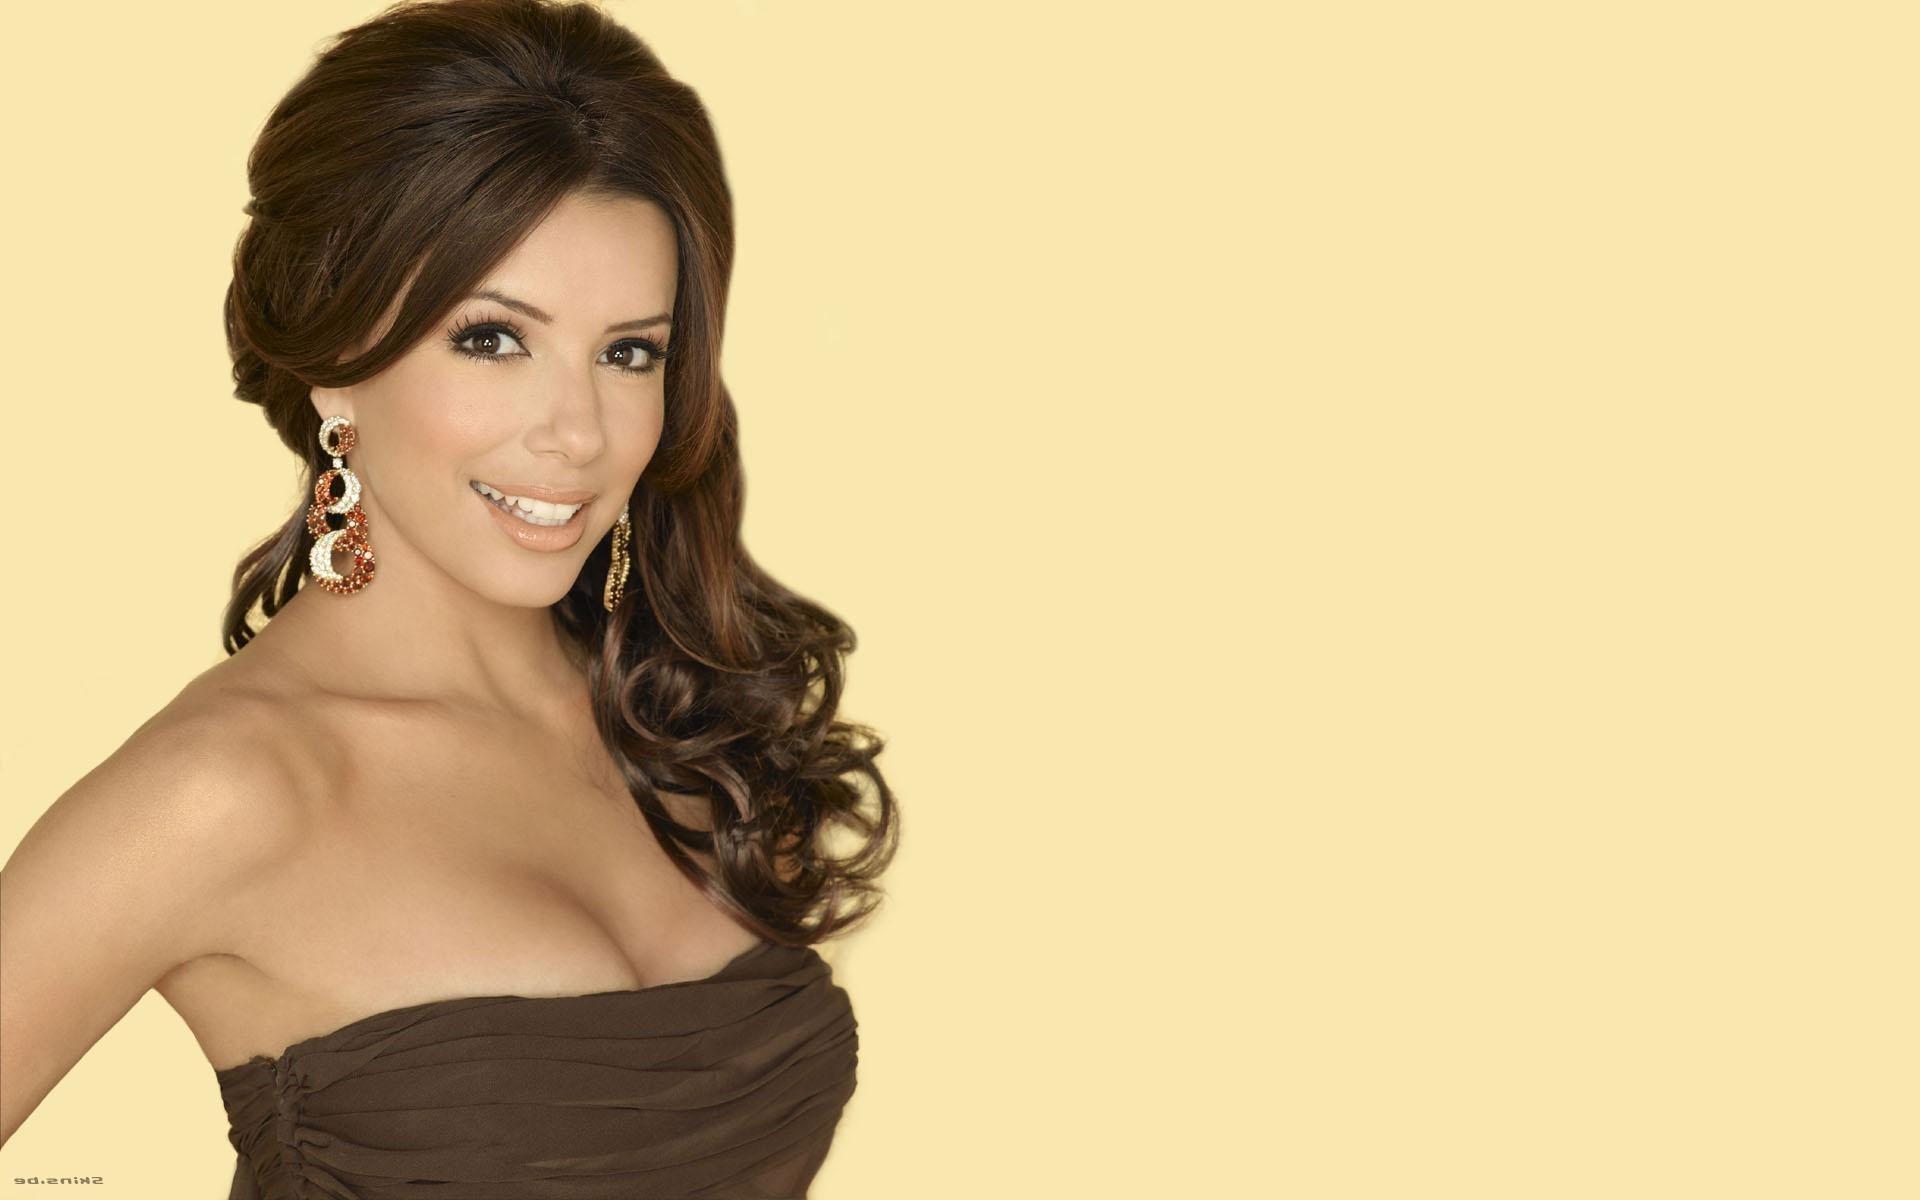 ansikte kvinnor modell långt hår sångare klänning svart hår hår Person  huvud supermodell Eva Longoria skönhet 2f2b8fc5ac532